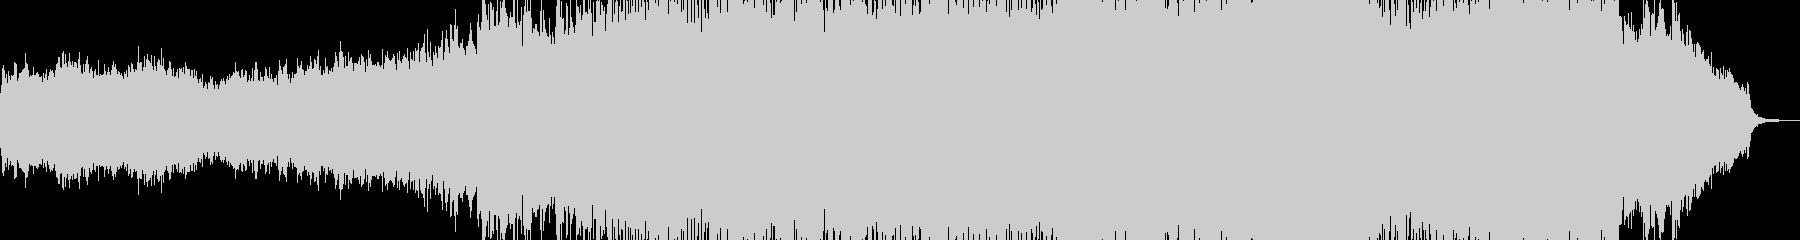 オルガン・幕開け荘厳なロック 長尺の未再生の波形